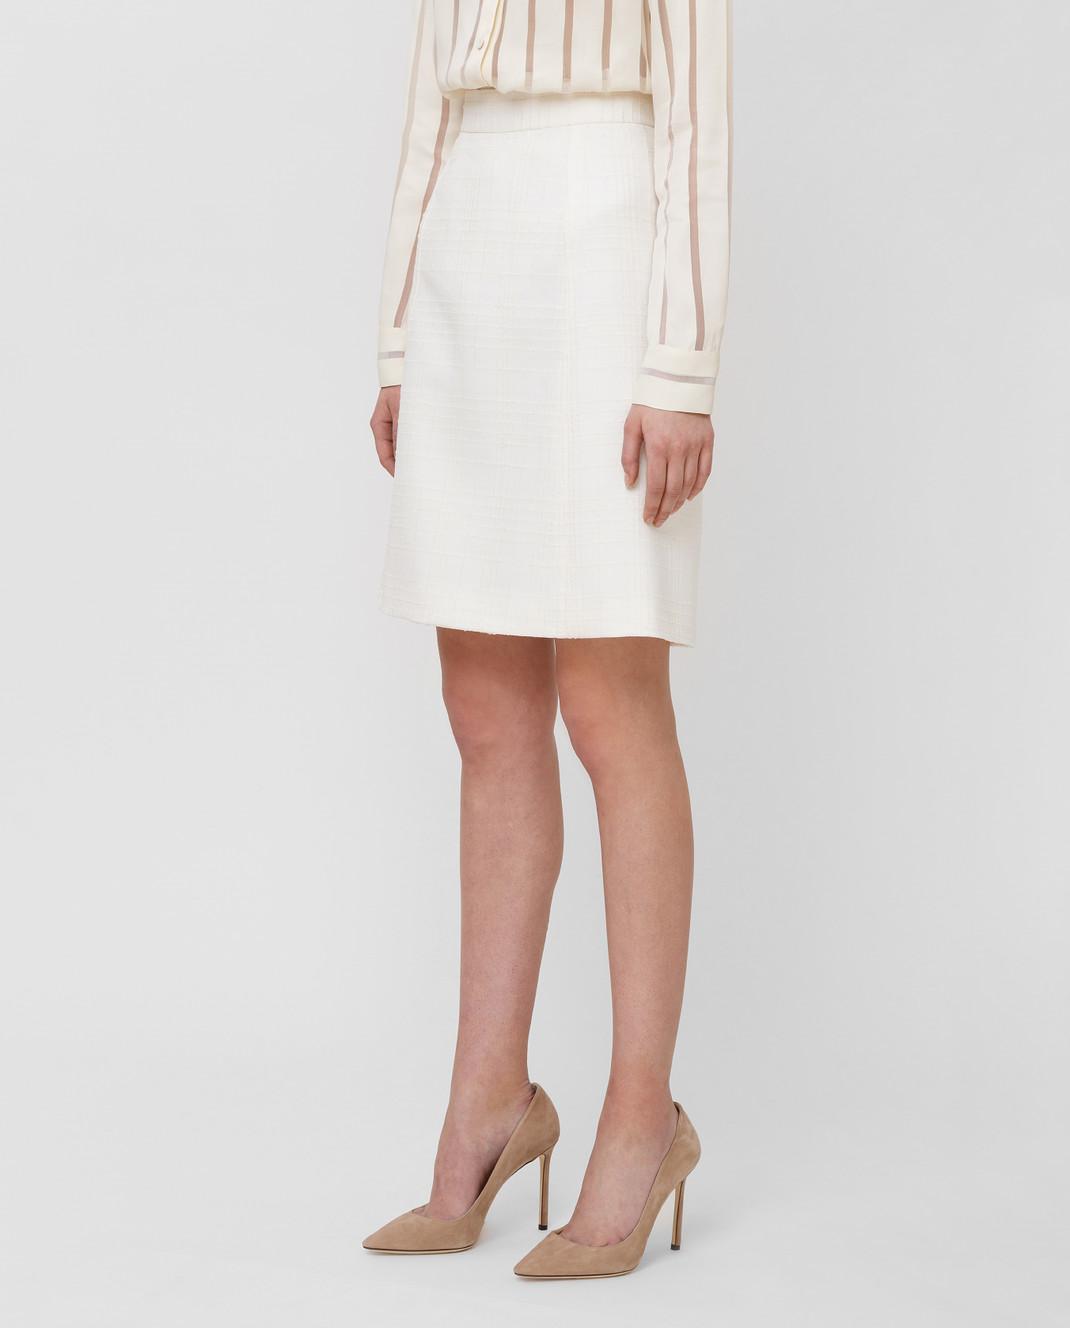 Bottega Veneta Белая юбка 544961 изображение 3